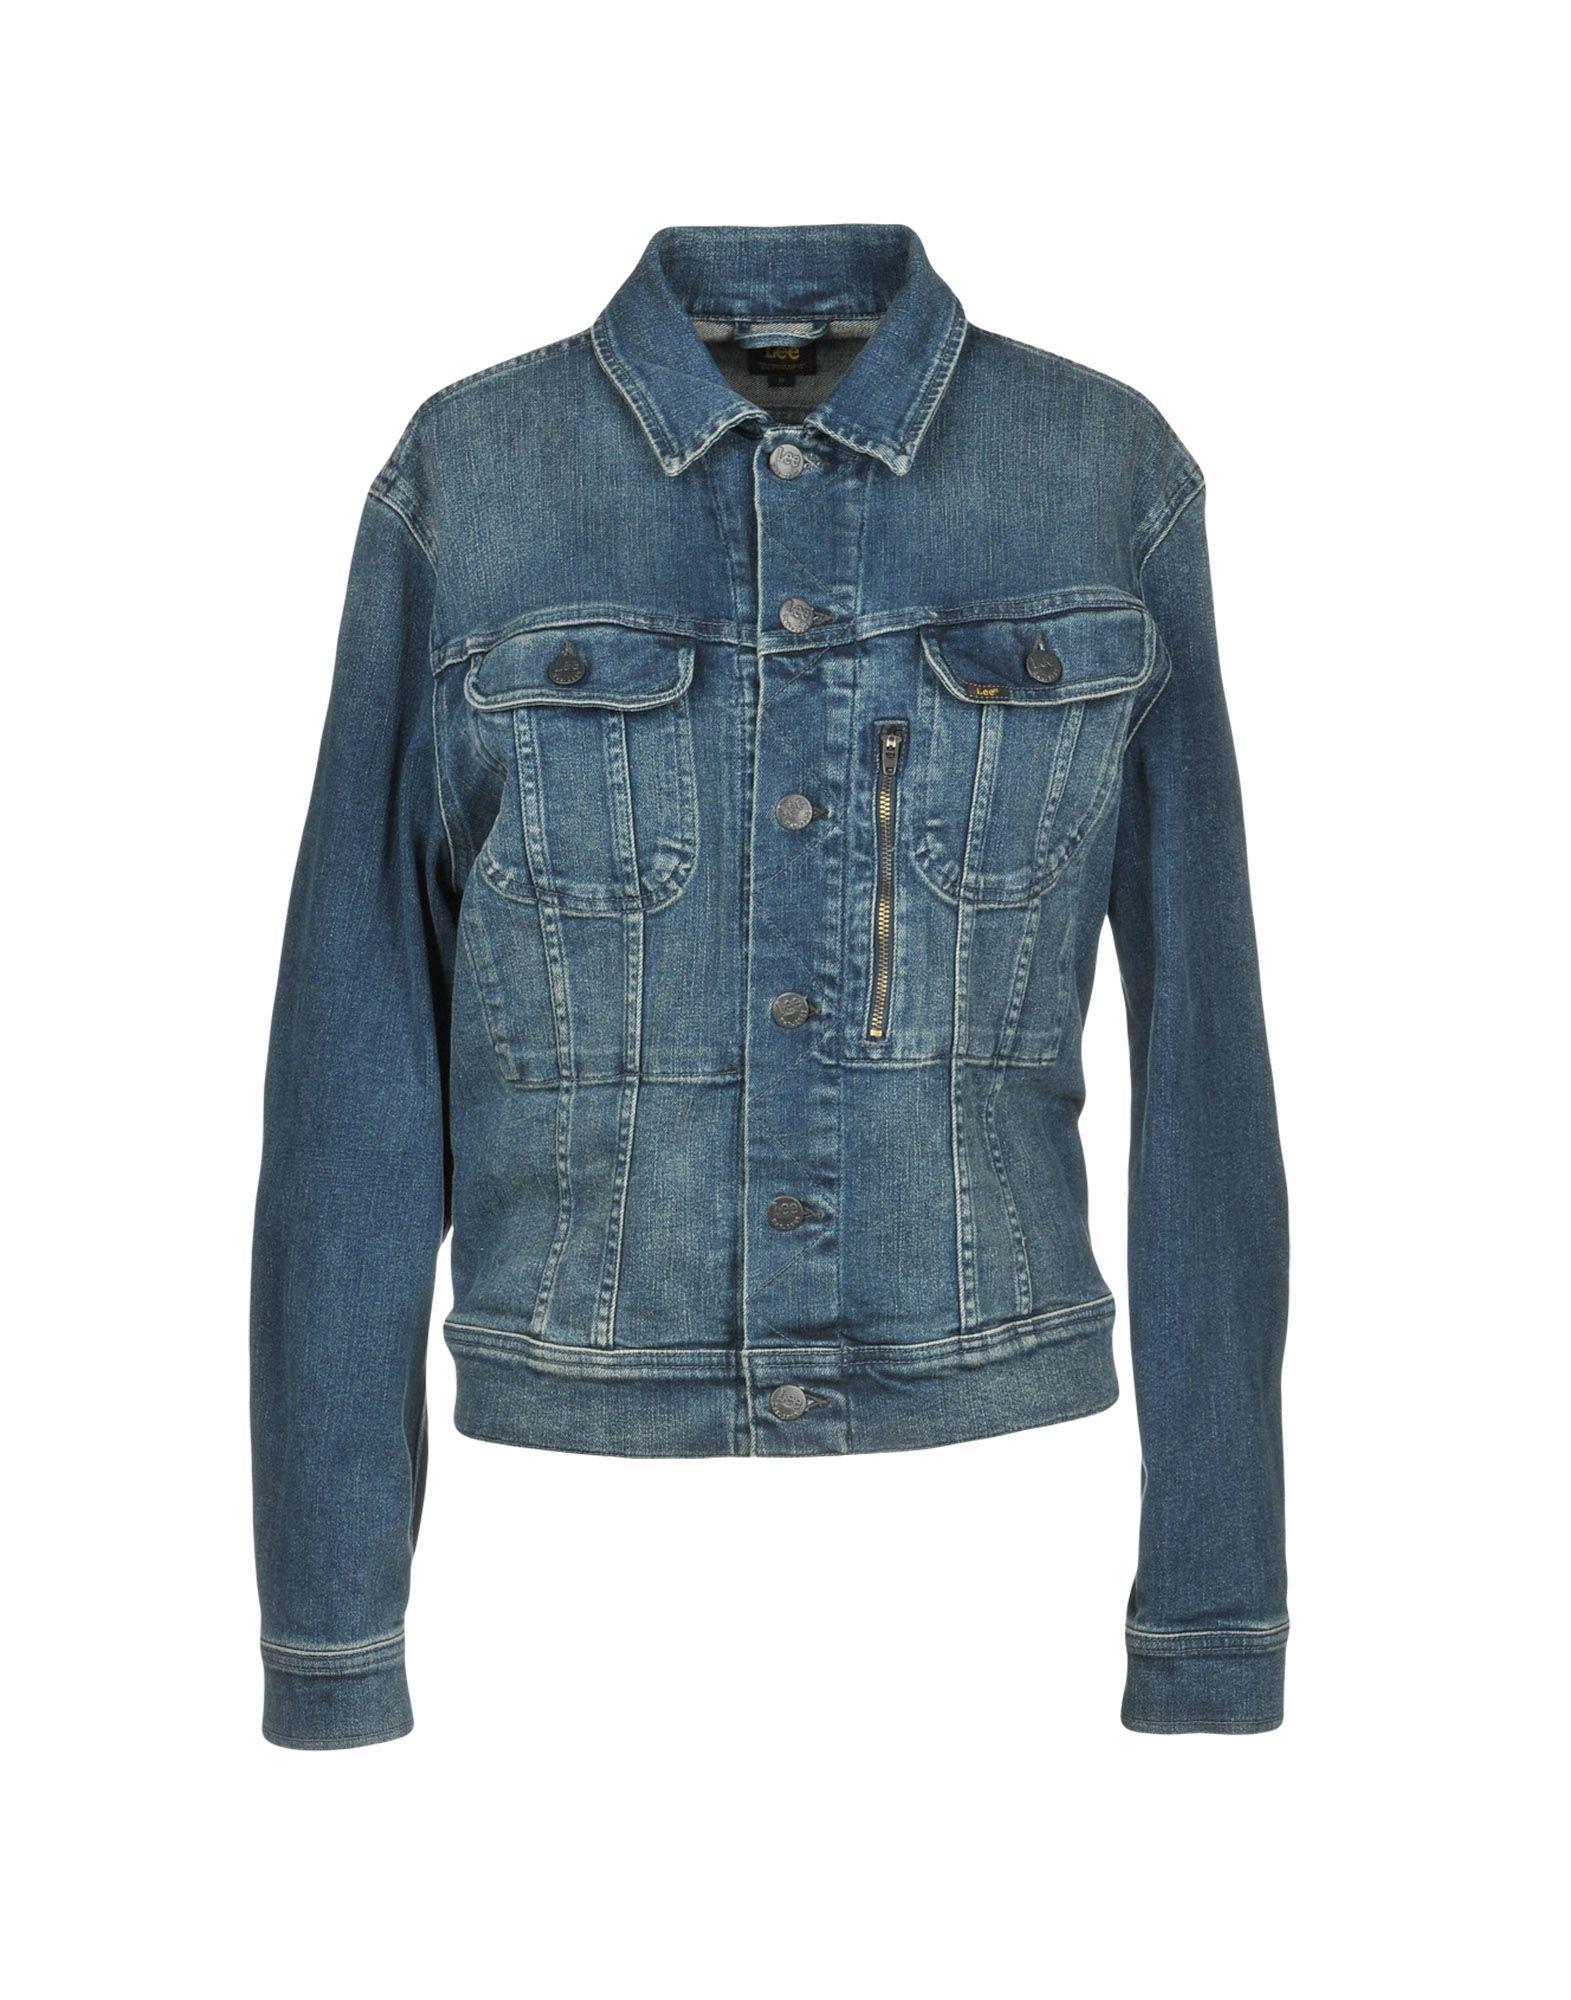 Lee Blue Denim Jacket